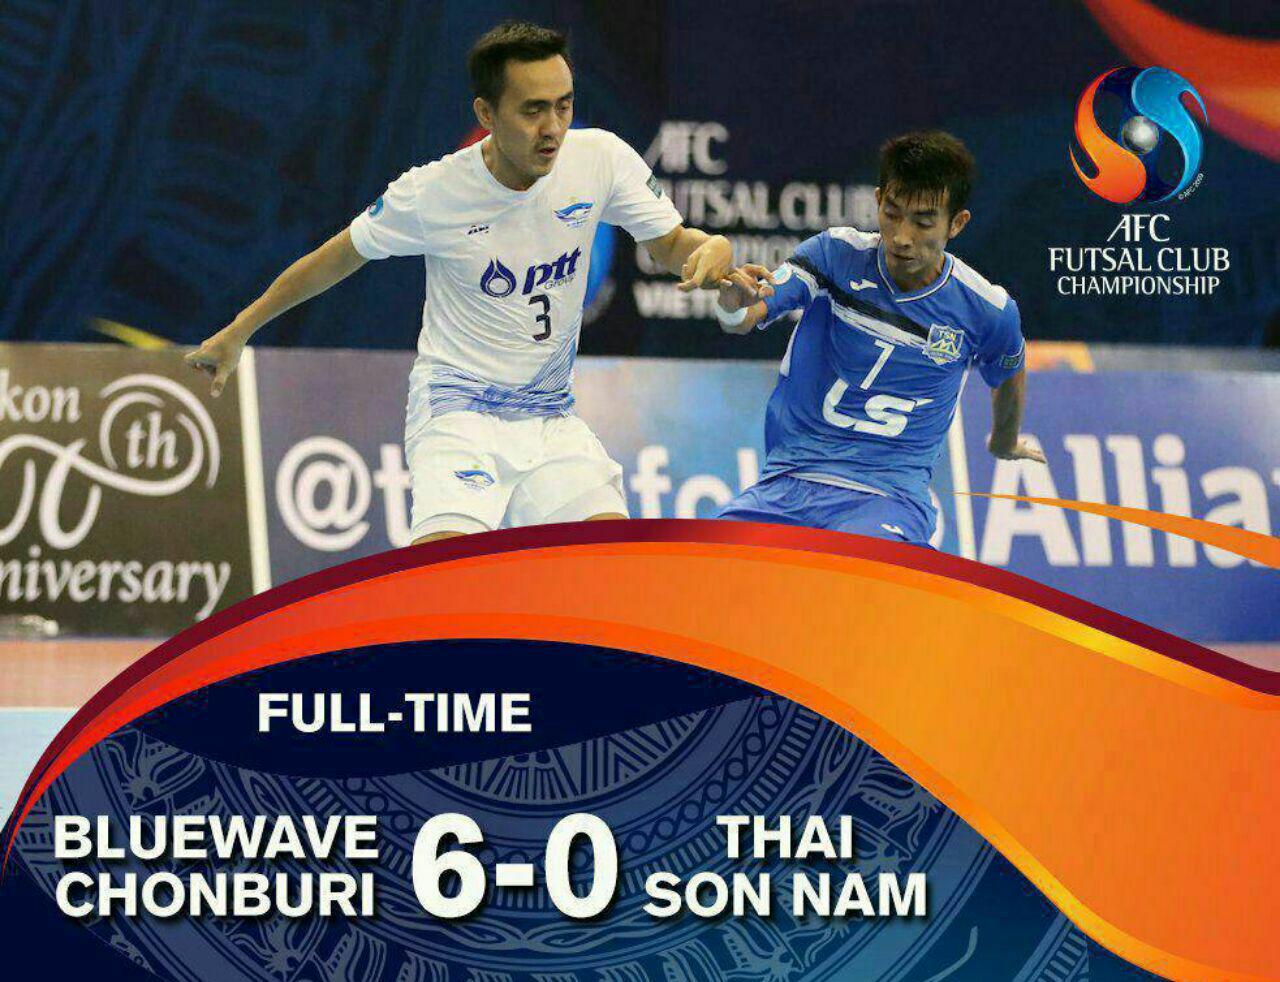 اولین فینالیست جام باشگاه های فوتسال آسیا مشخص شد